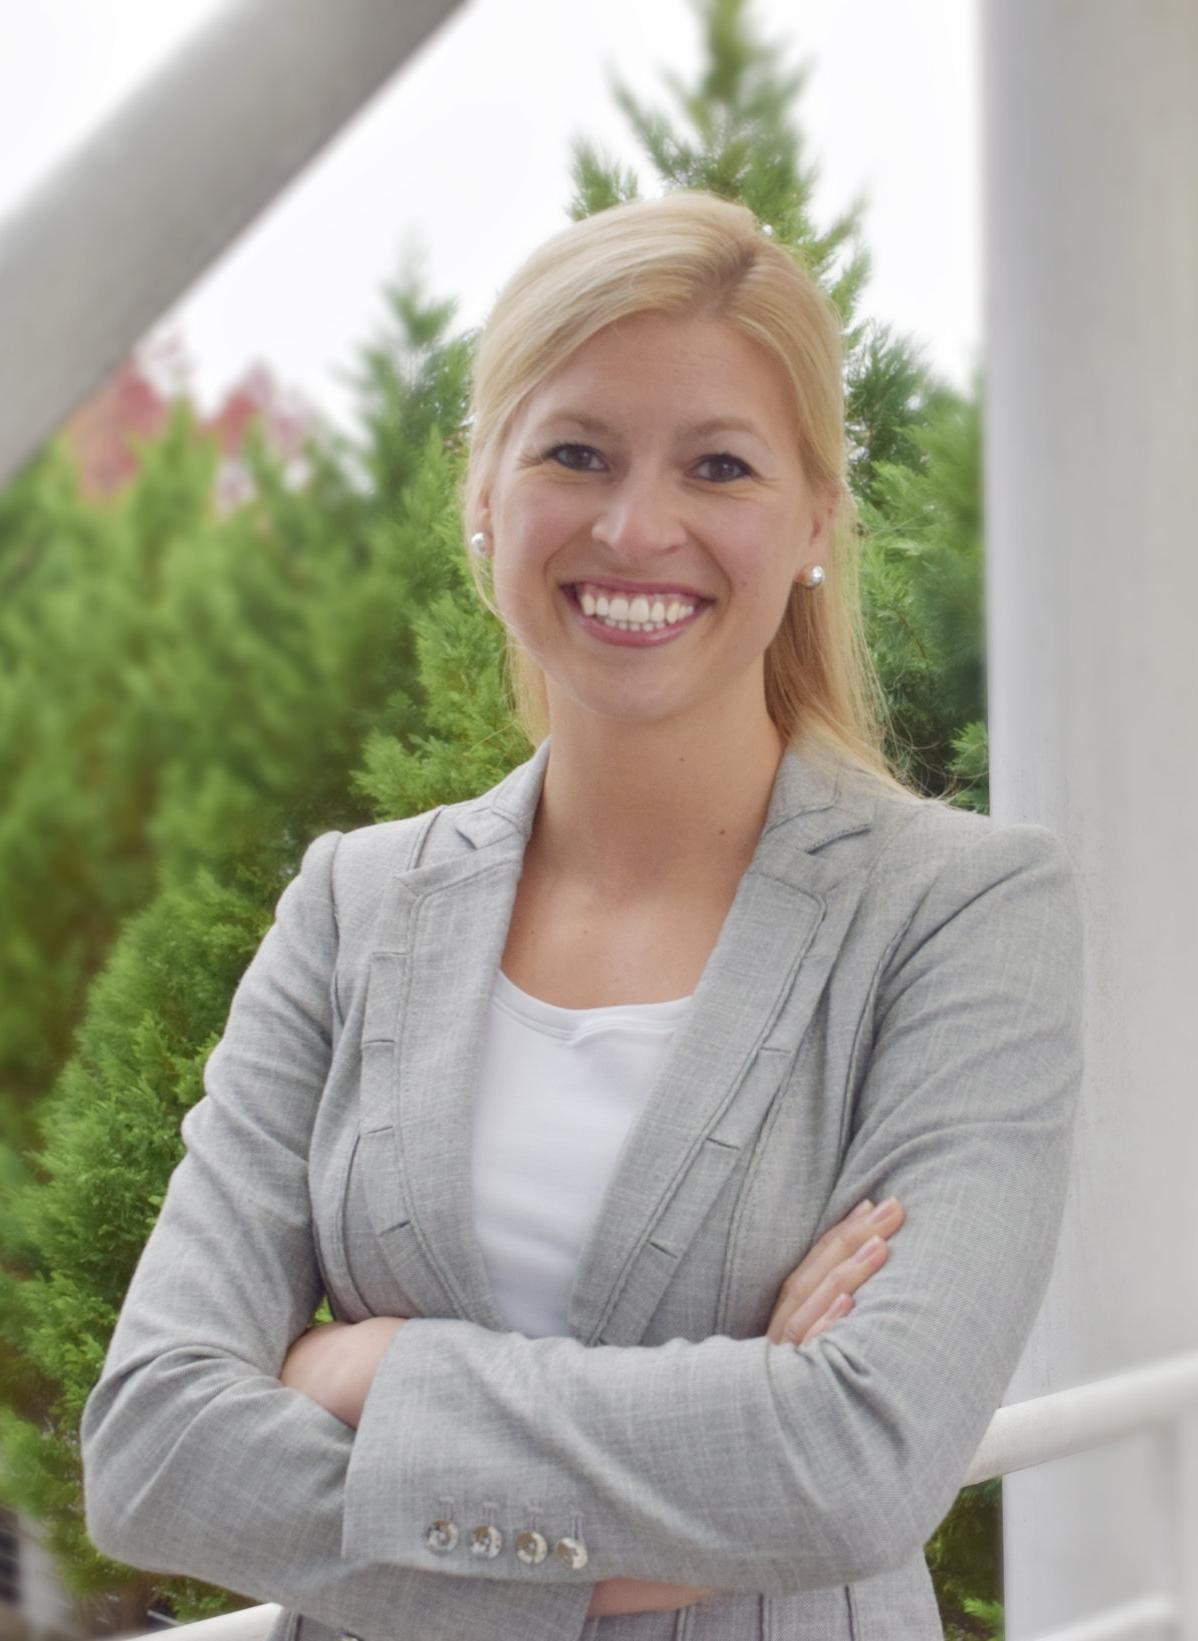 Katy Patton